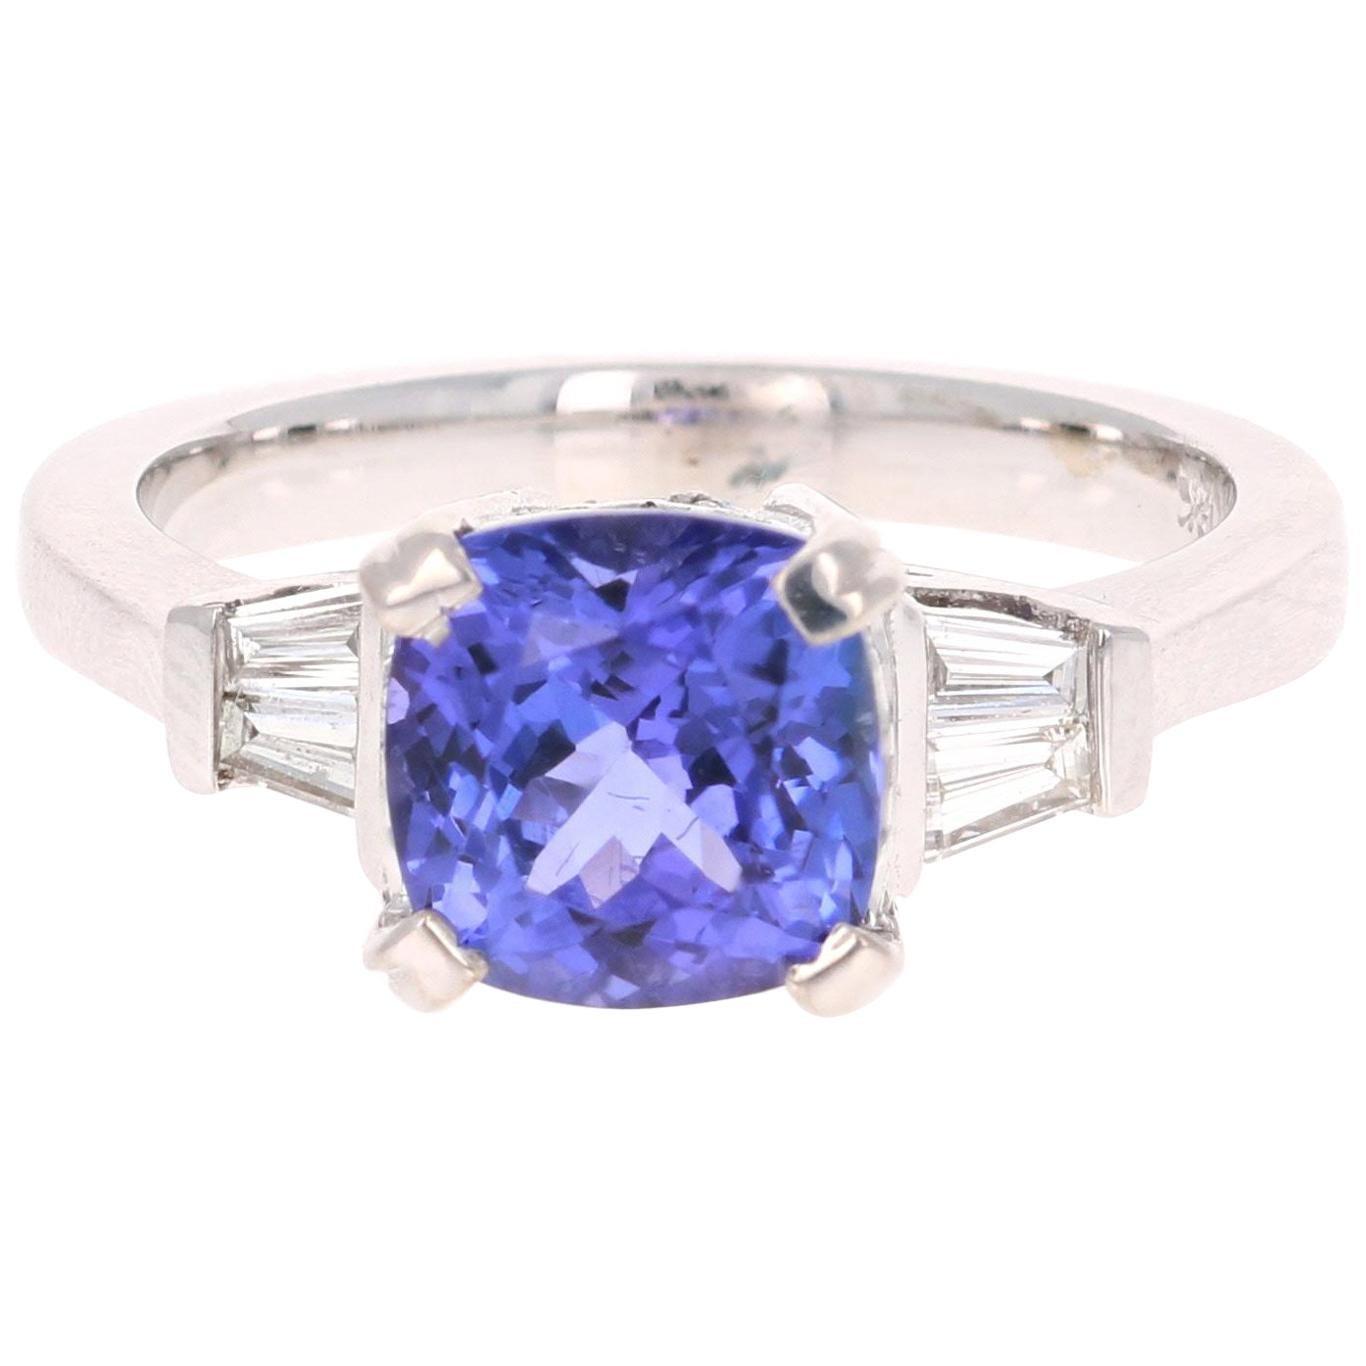 2.93 Carat Cushion Cut Tanzanite Diamond 18 Karat White Gold Ring